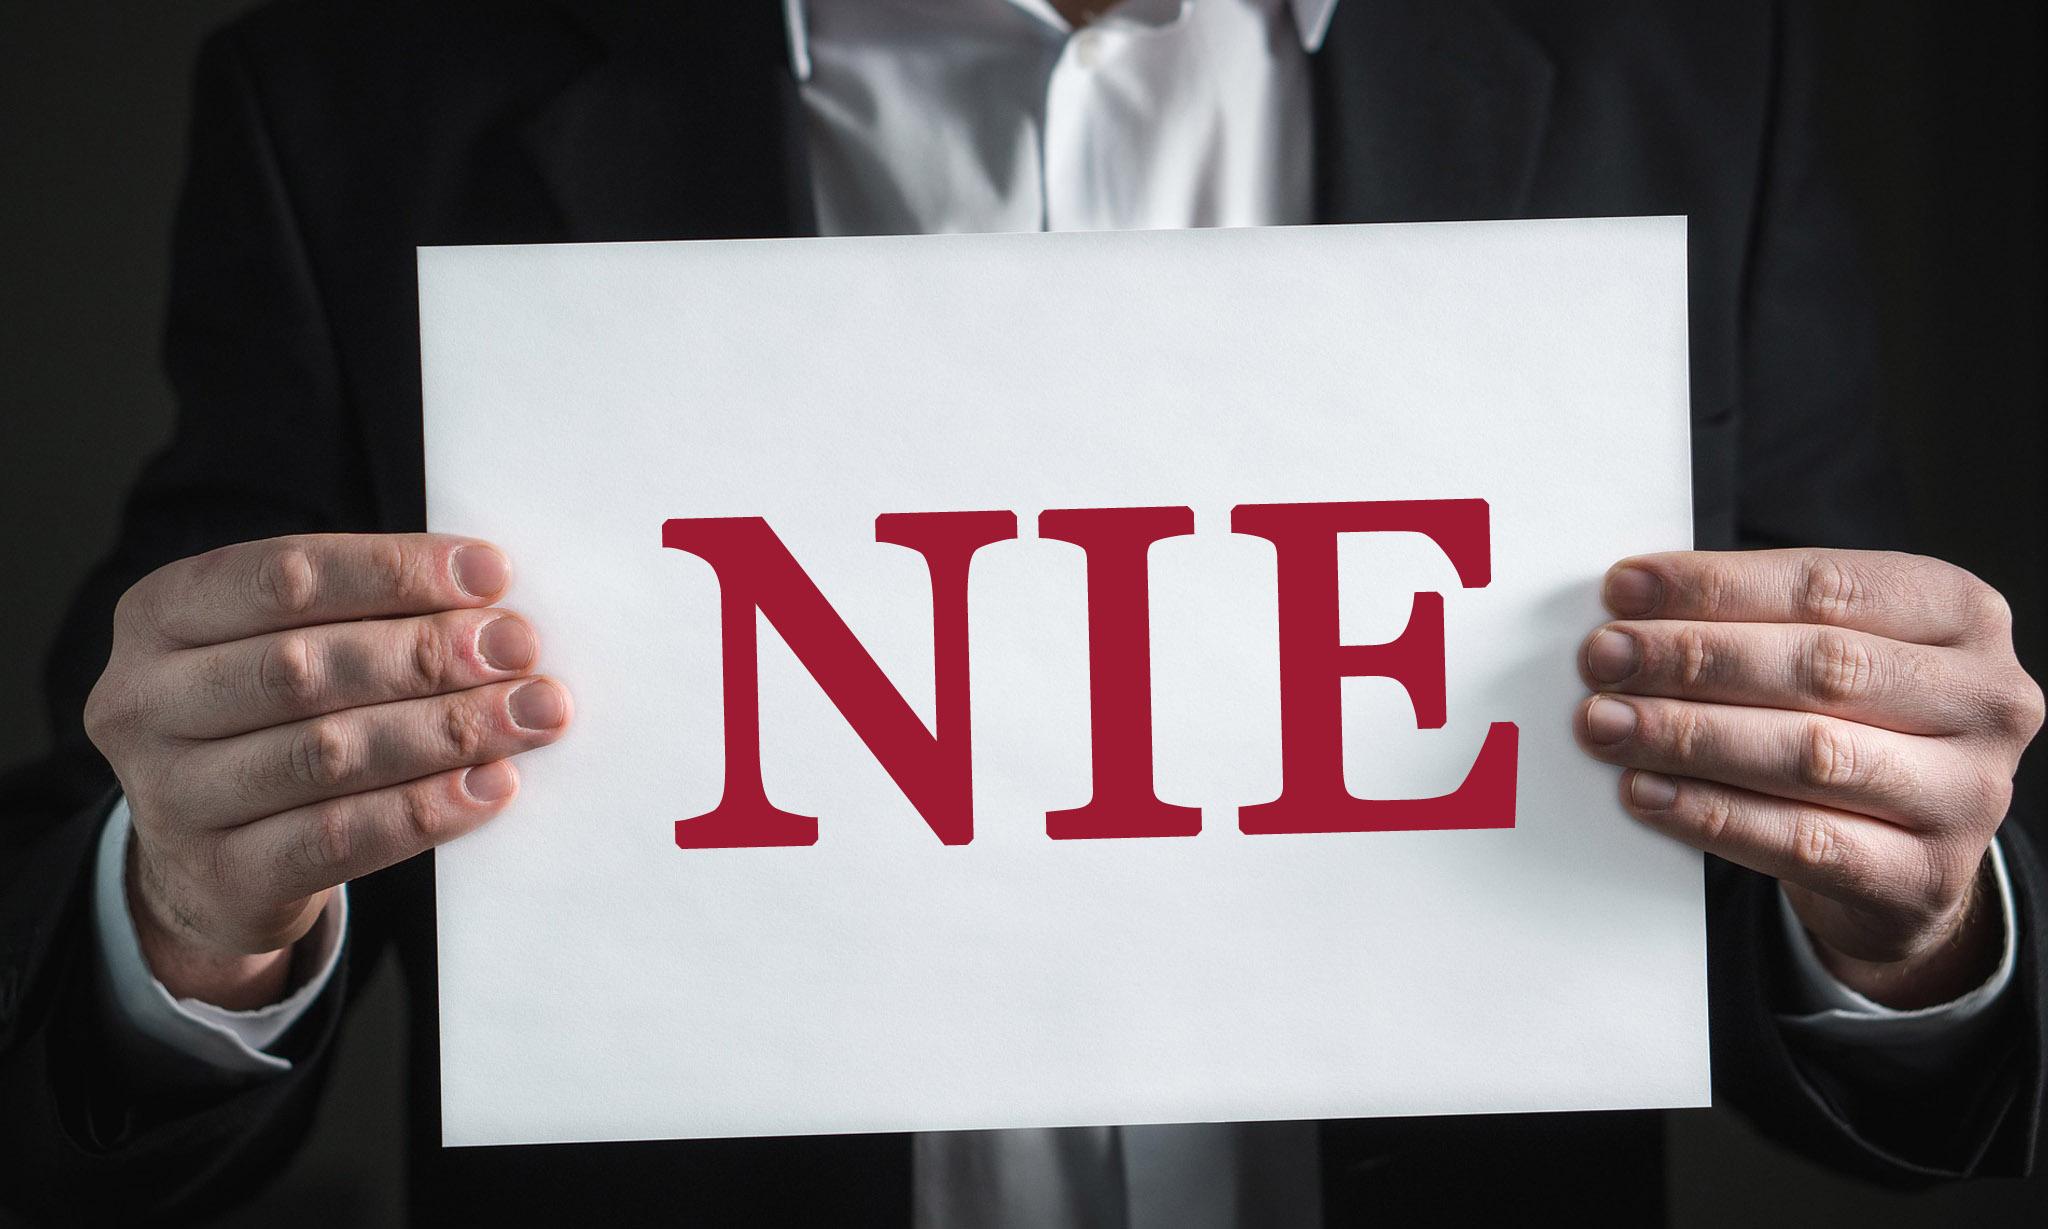 NIE: Trabajadores Y Autónomos Extranjeros